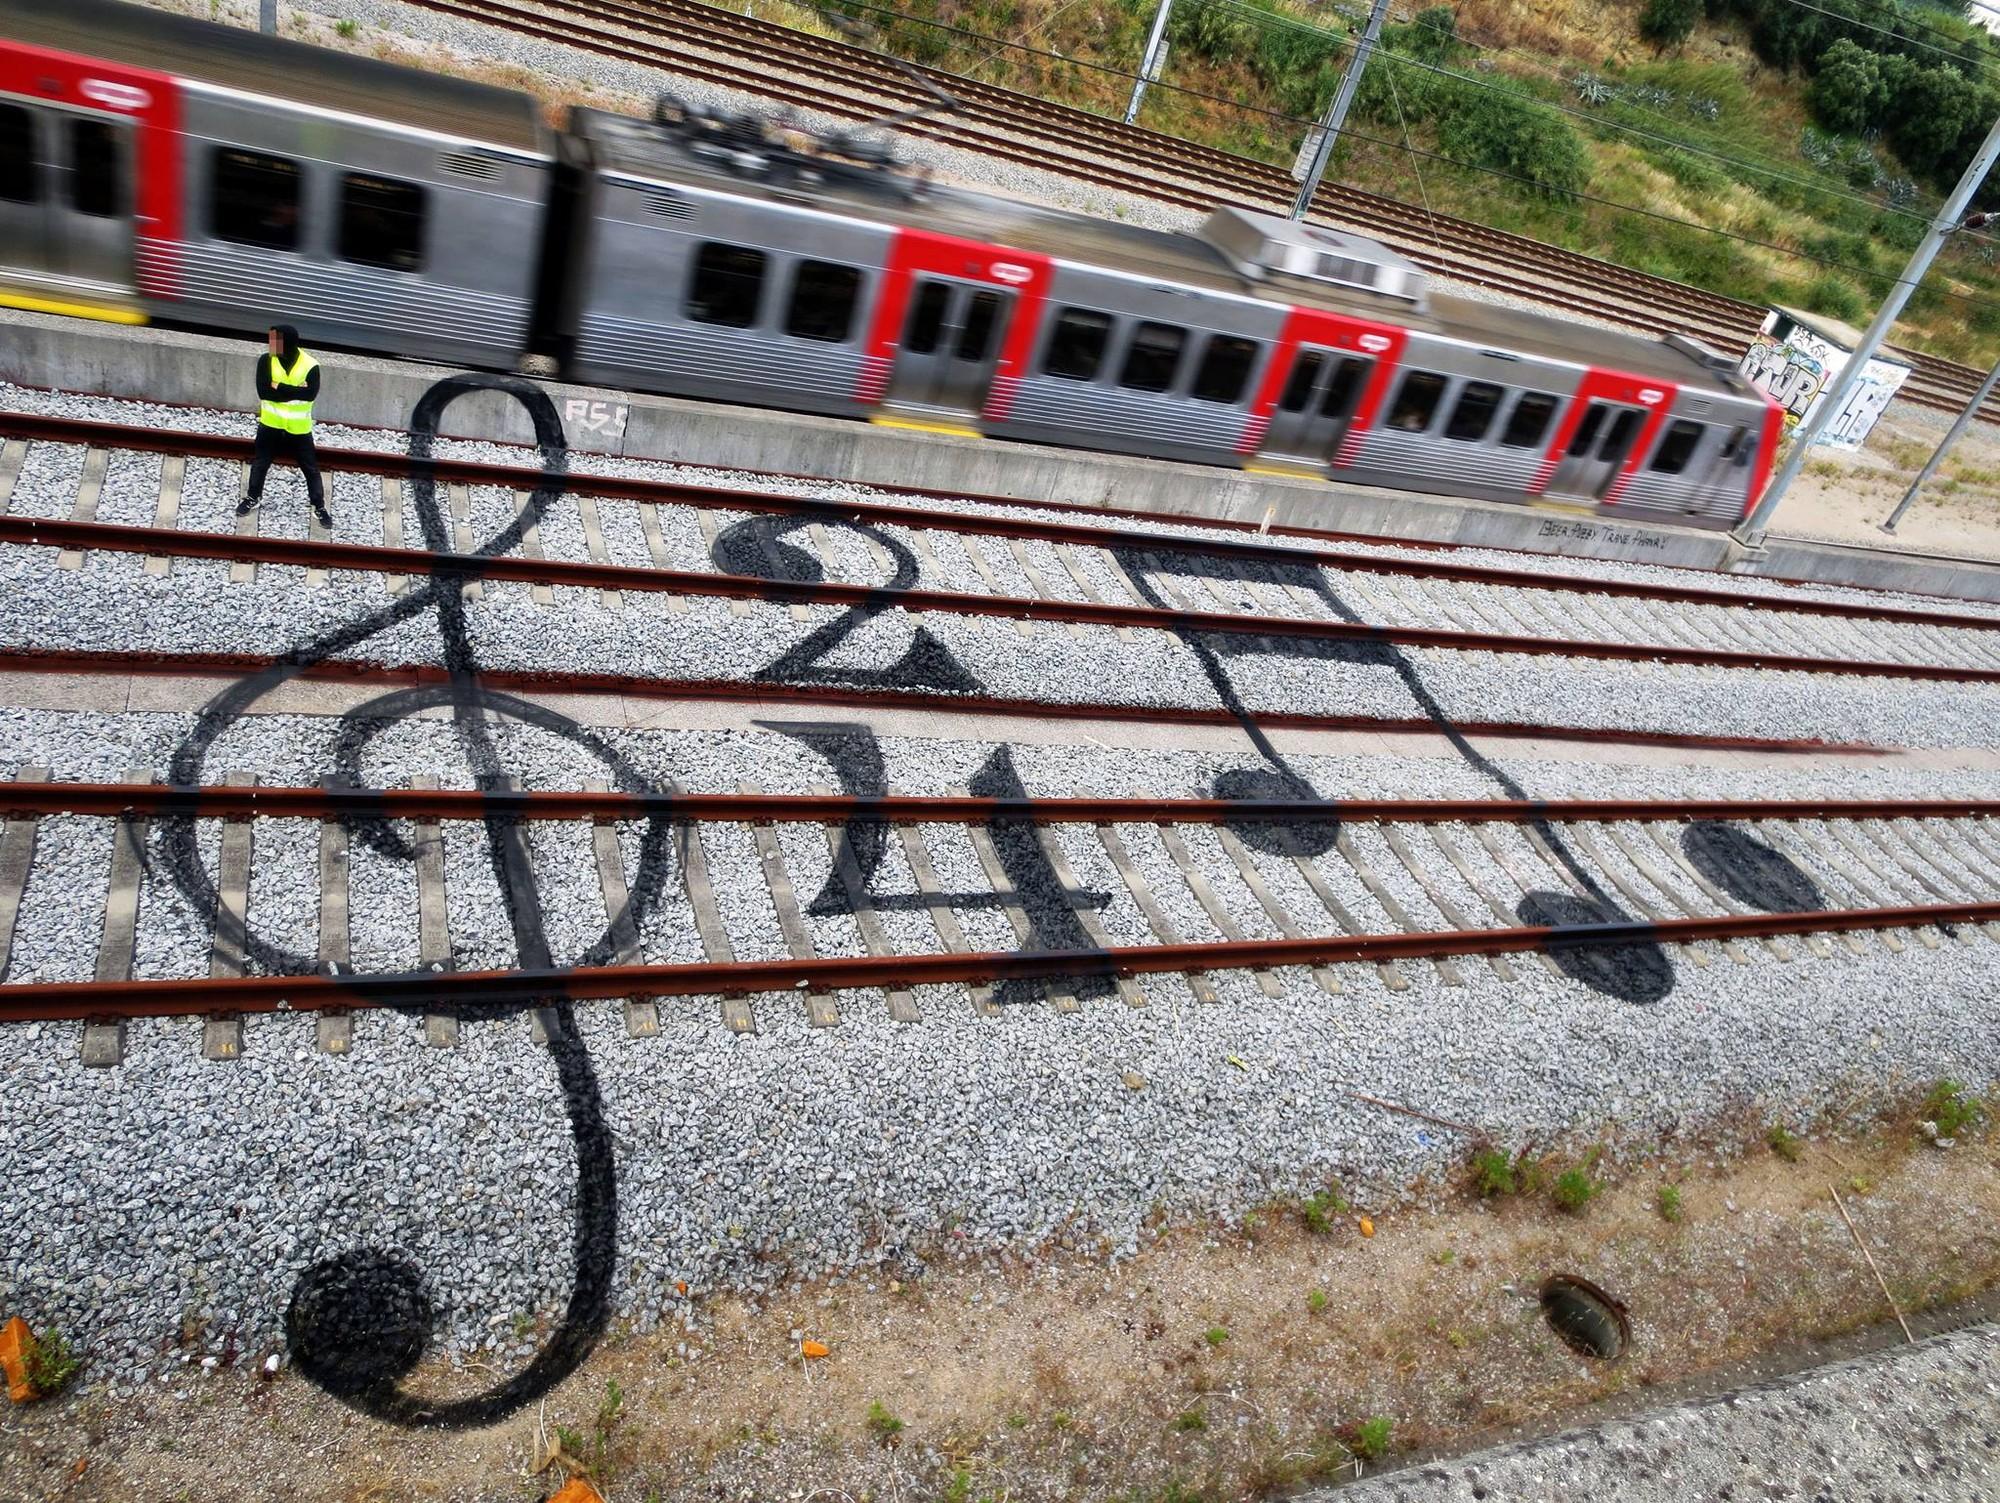 """""""Tracks"""": Grafites que transformam trilhos de trem em galerias de arte, Música Online. Image Courtesy of Aka Bordalo II"""